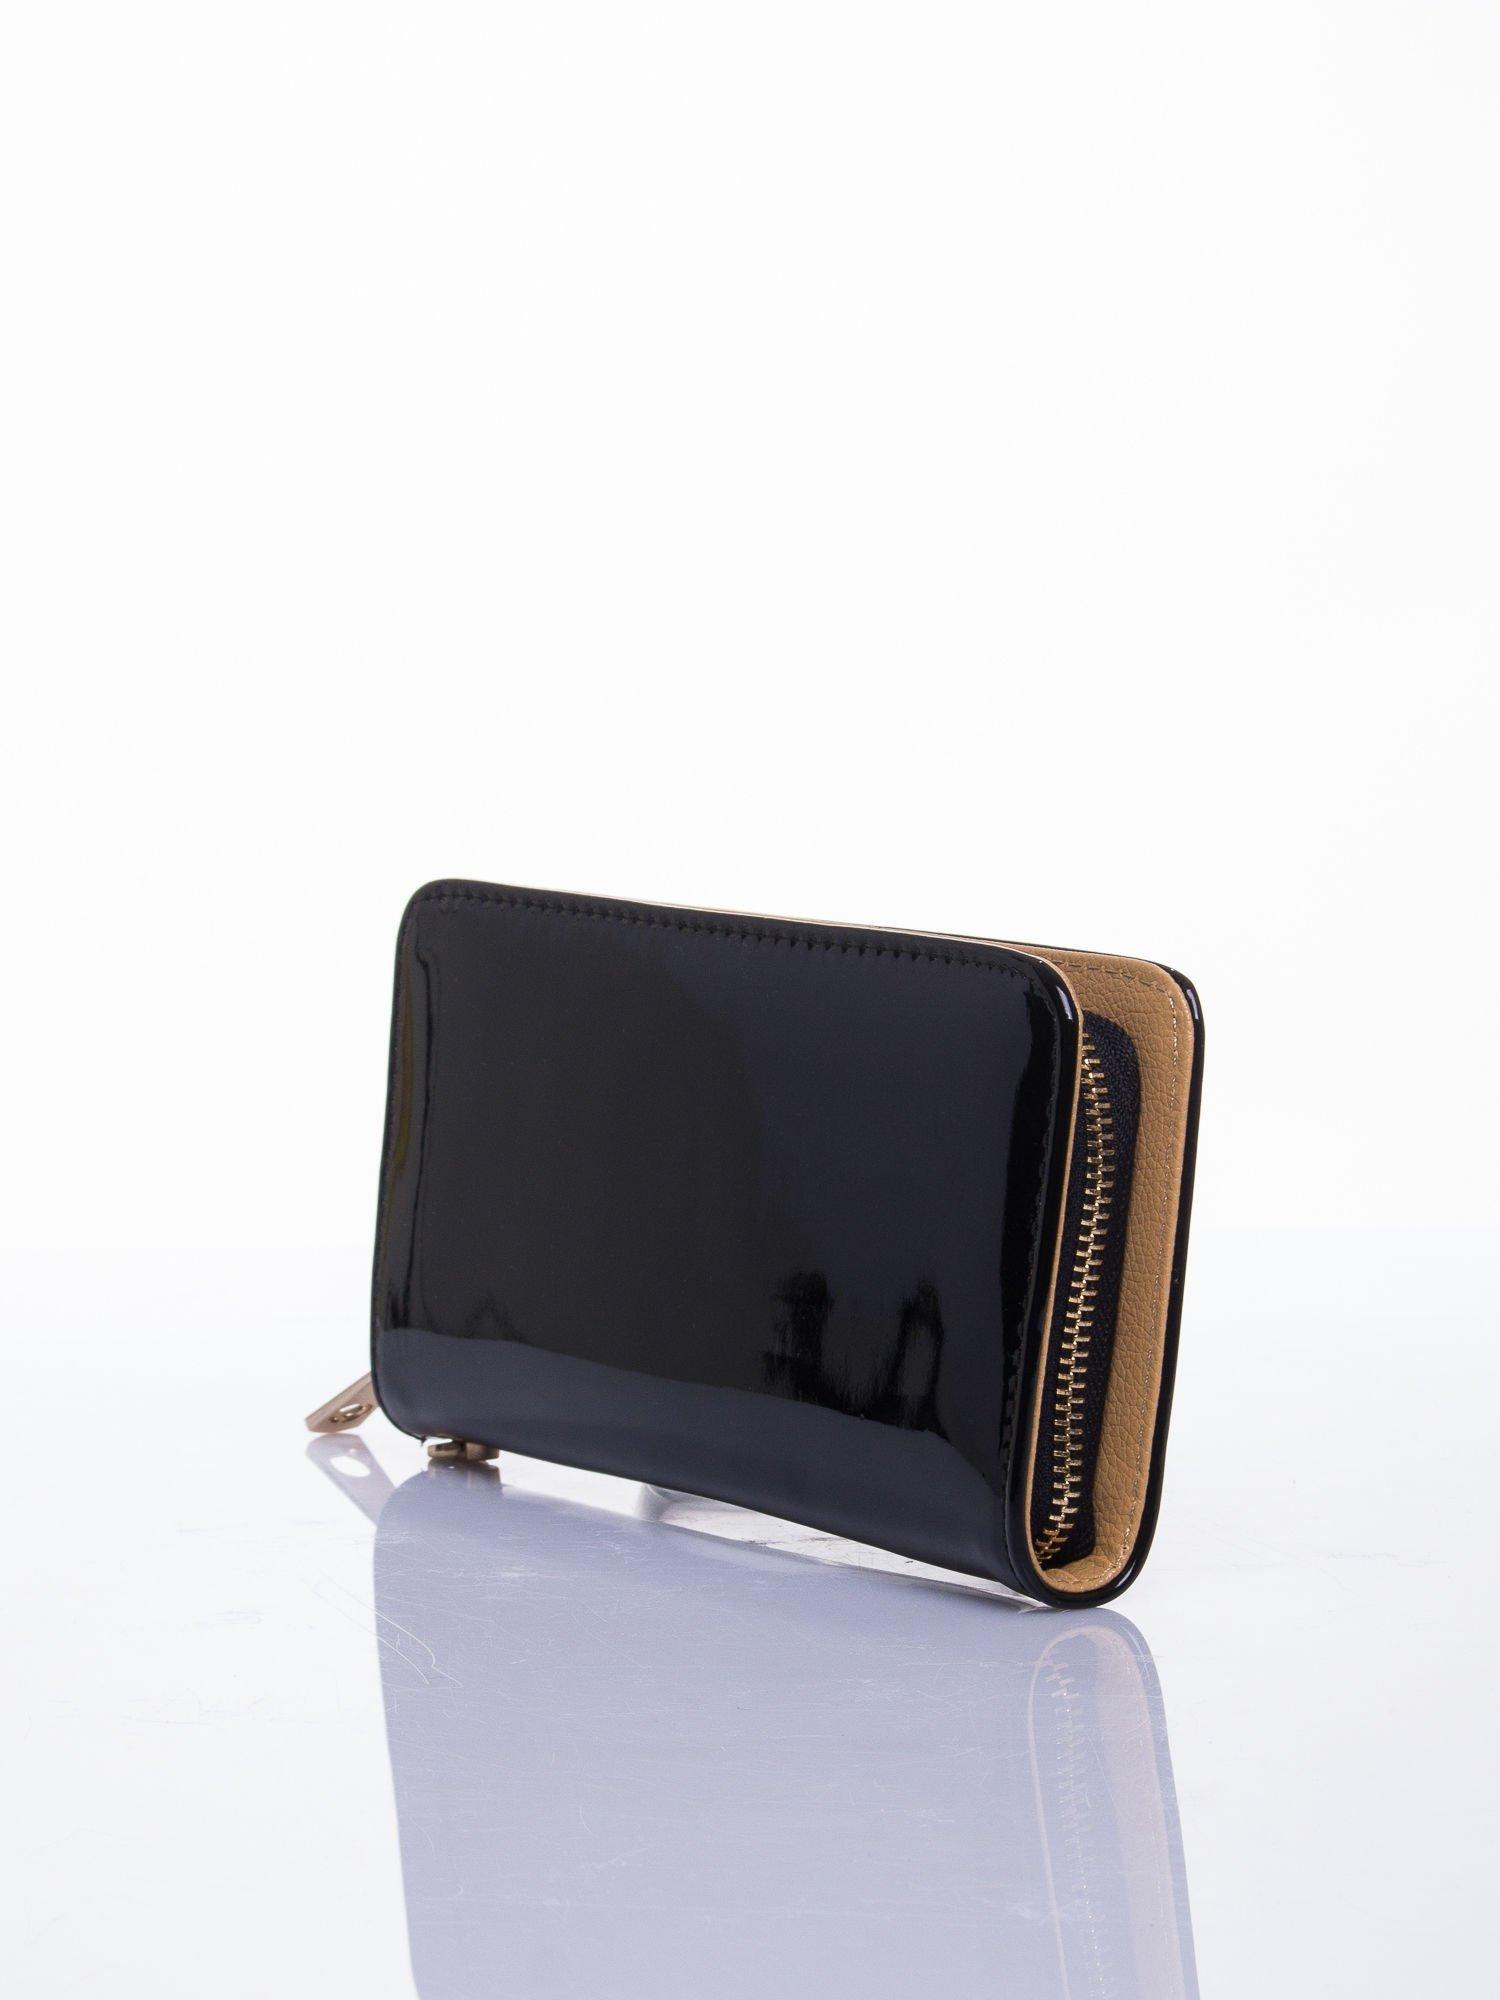 Czarny lakierowany portfel z odpinanym złotym łańcuszkiem                                  zdj.                                  2